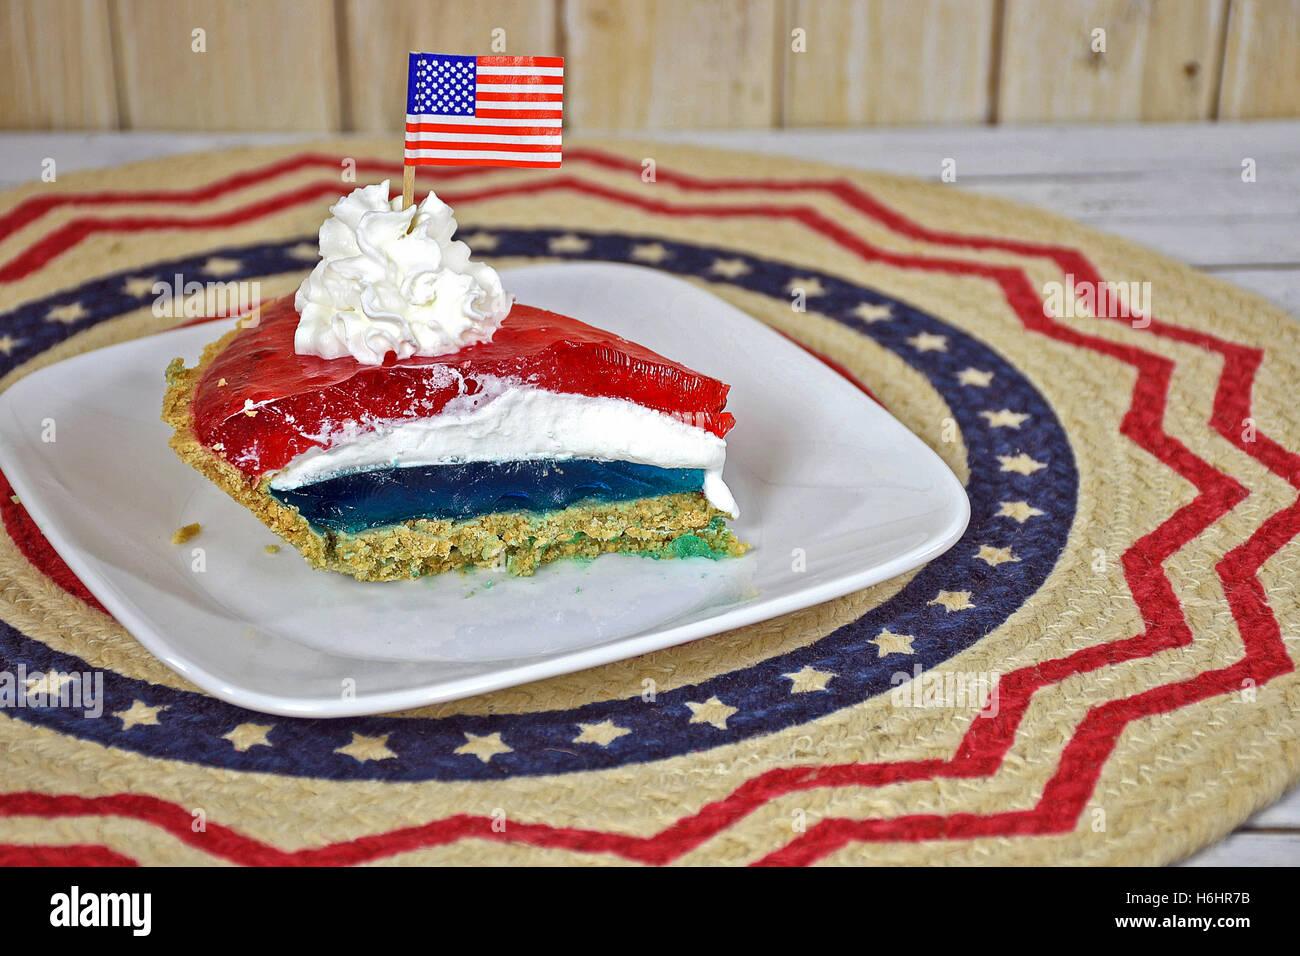 Roten Und Blauen Wackelpudding Torte Mit Geschlagener Sahne Und